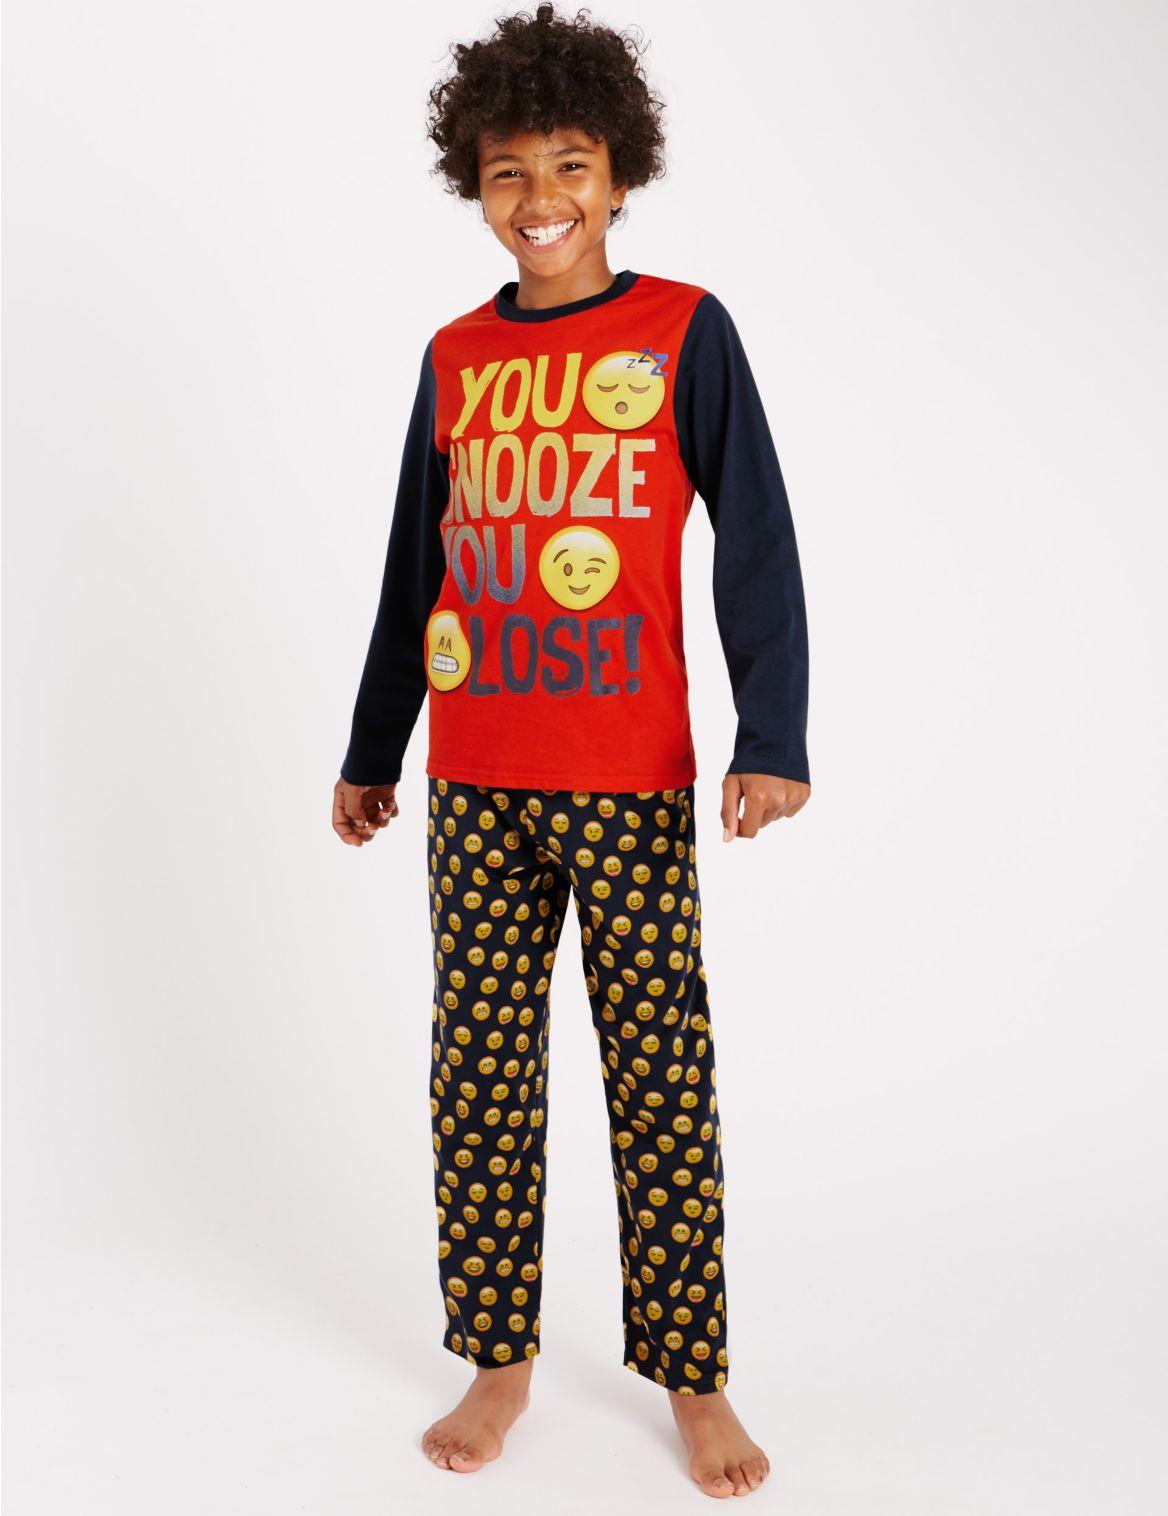 Puur katoenen pyjama met lange